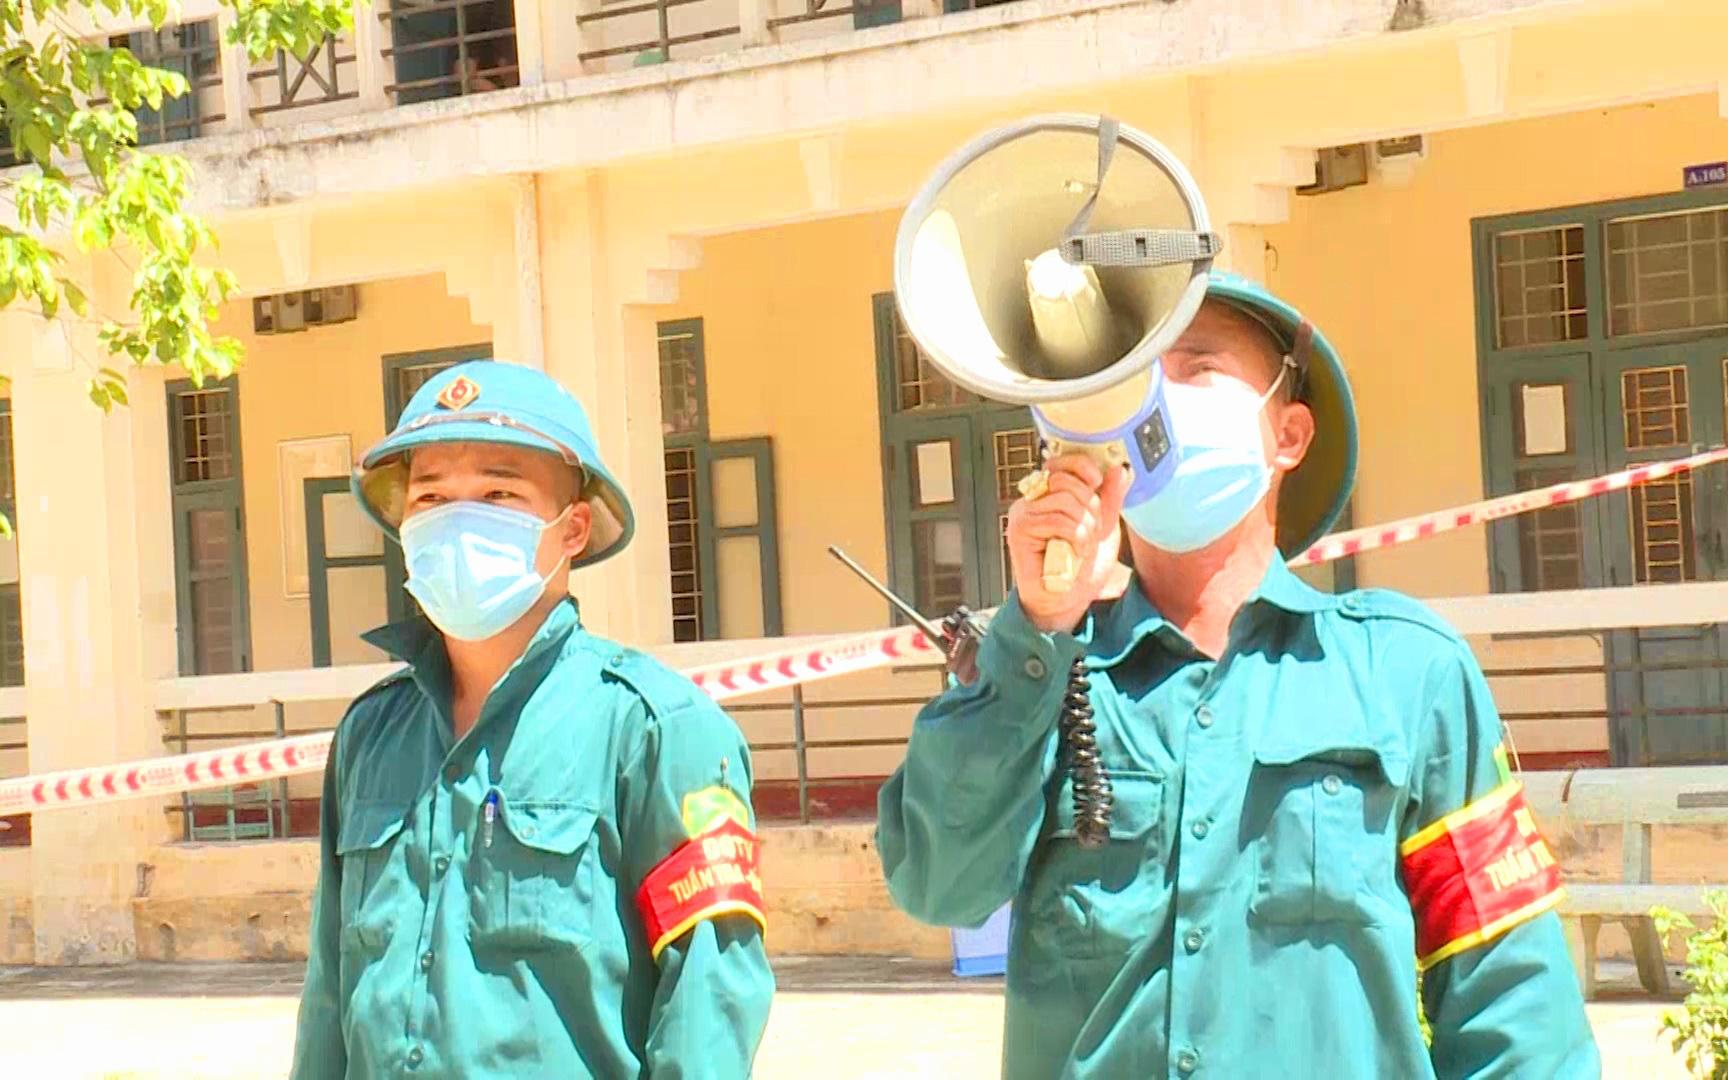 Đã có hơn 15.000 người về từ vùng dịch, Huế ráo riết phòng lây nhiễm chéo trong khu cách ly